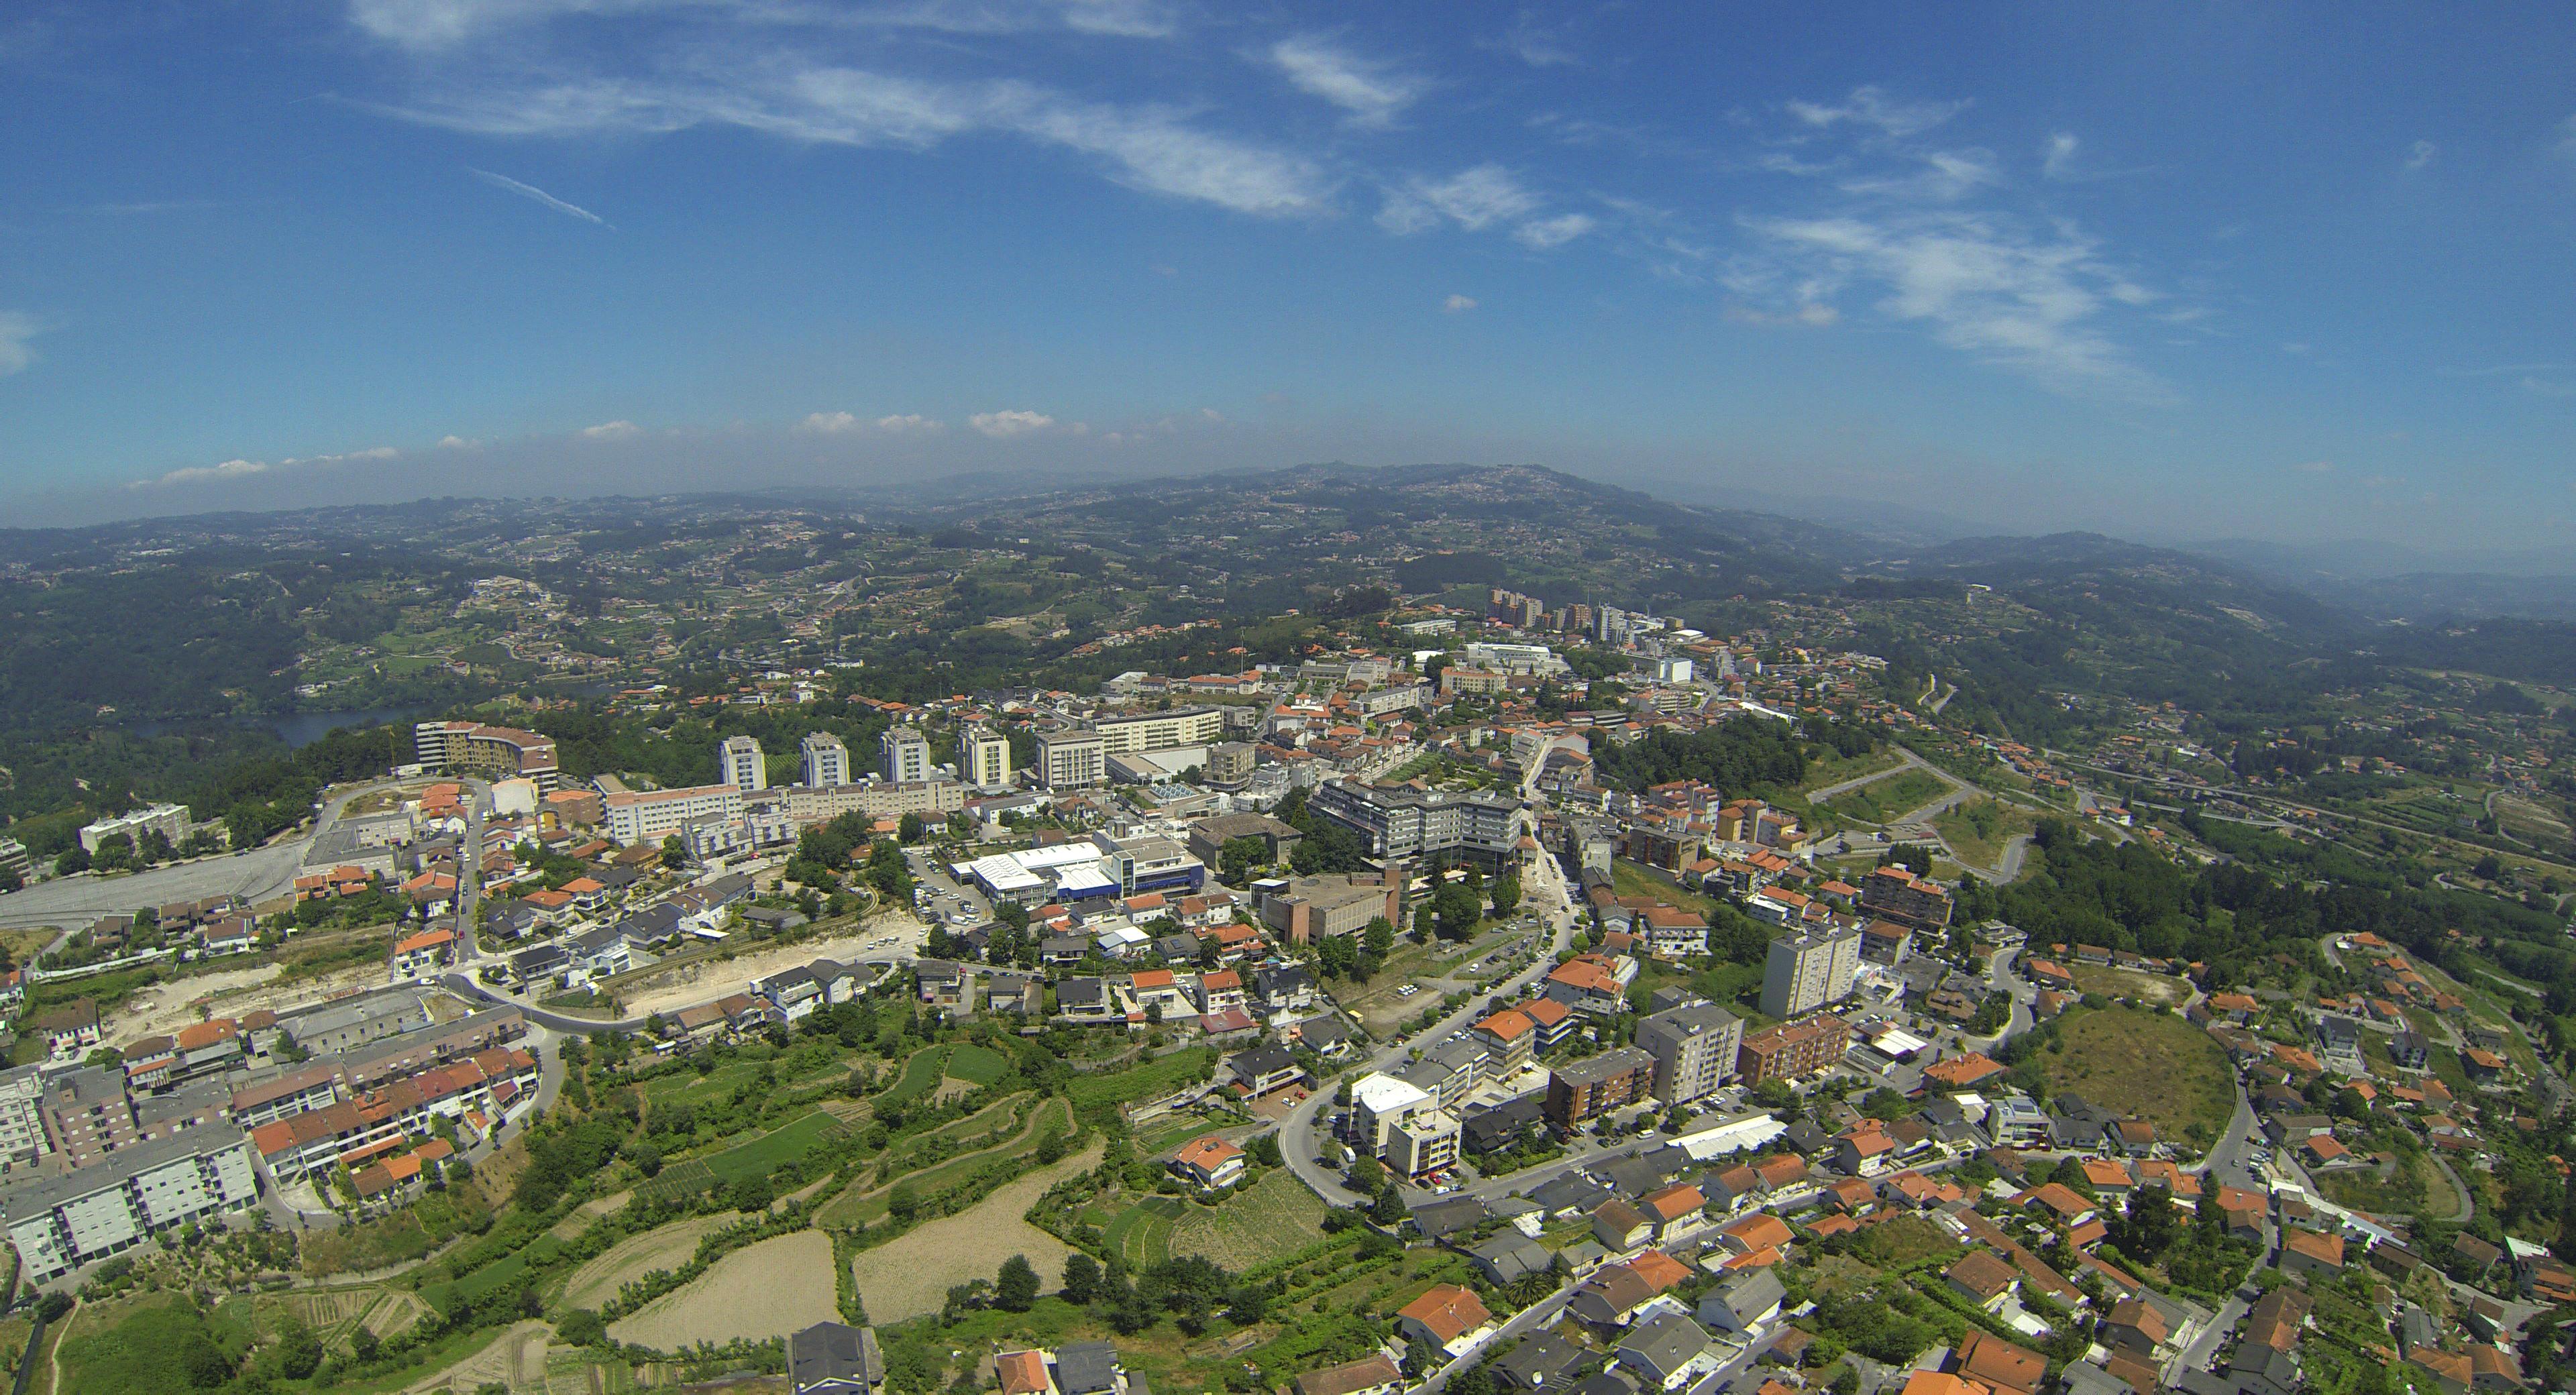 Vista aérea do Marco de Canaveses